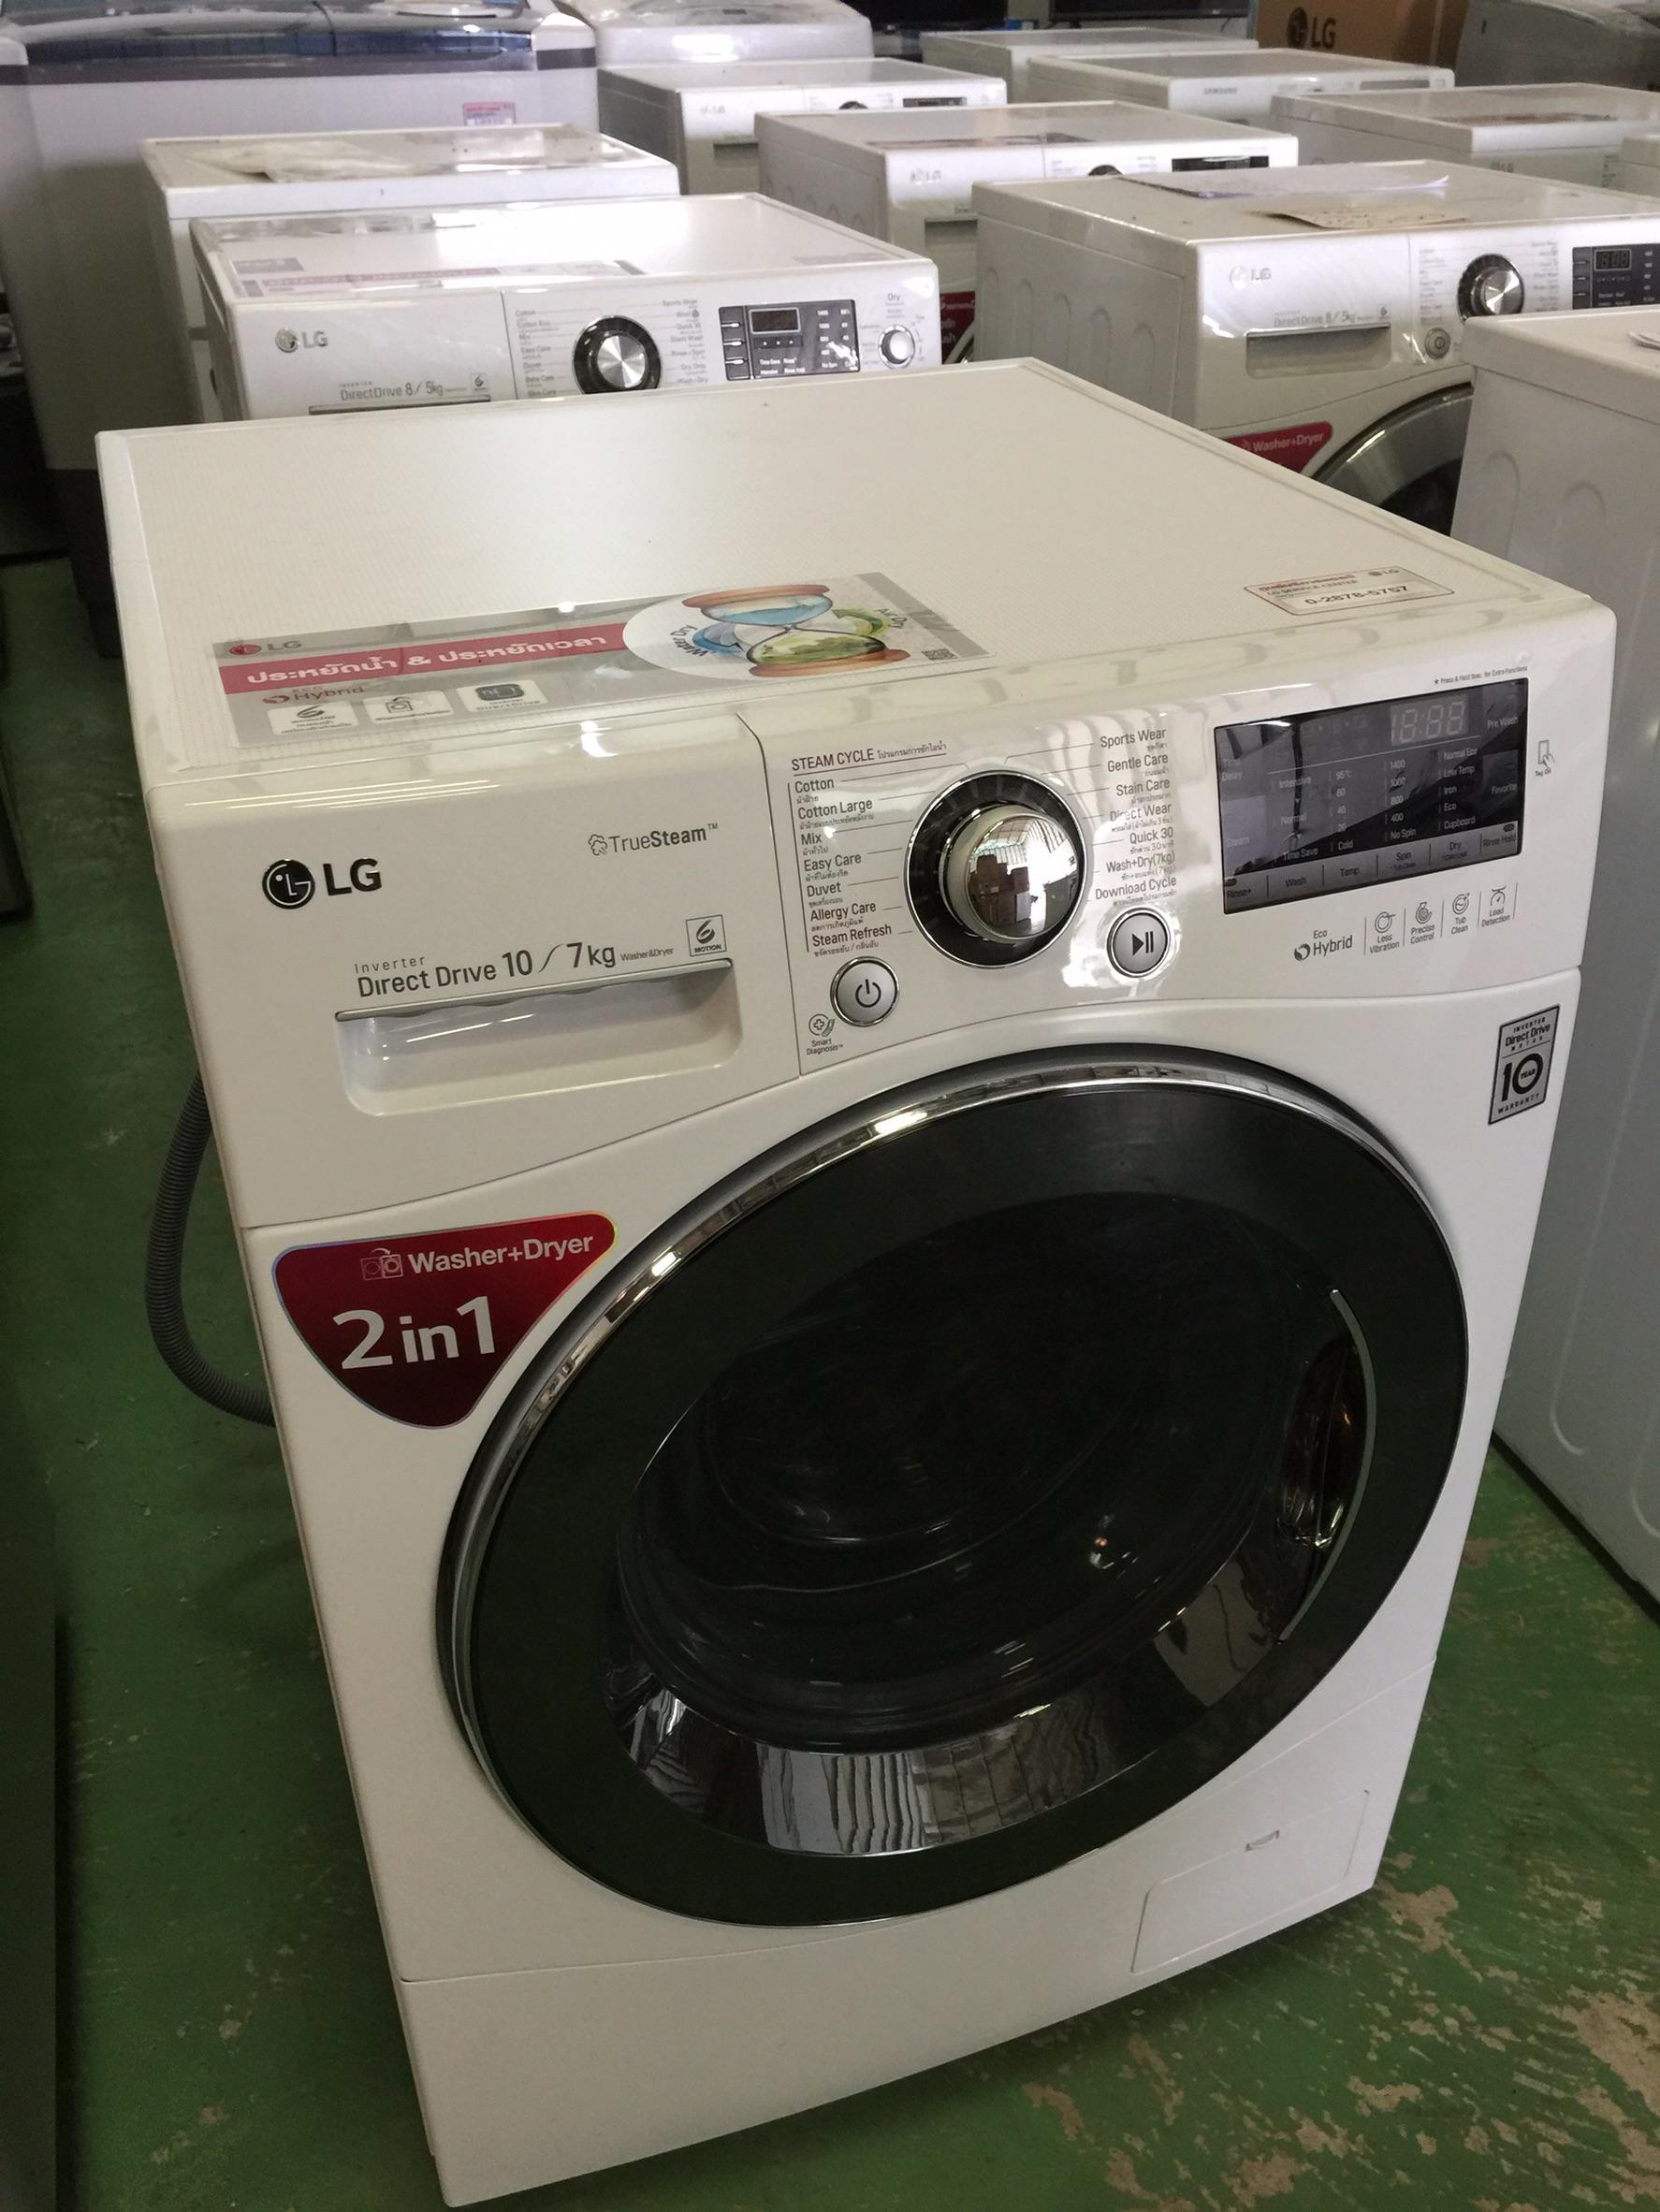 เครื่องซักผ้าฝาหน้าระบบ Eco Hybrid Dry ความจุ ซัก 10 อบ 7 กก. รุ่นF1410HPRW